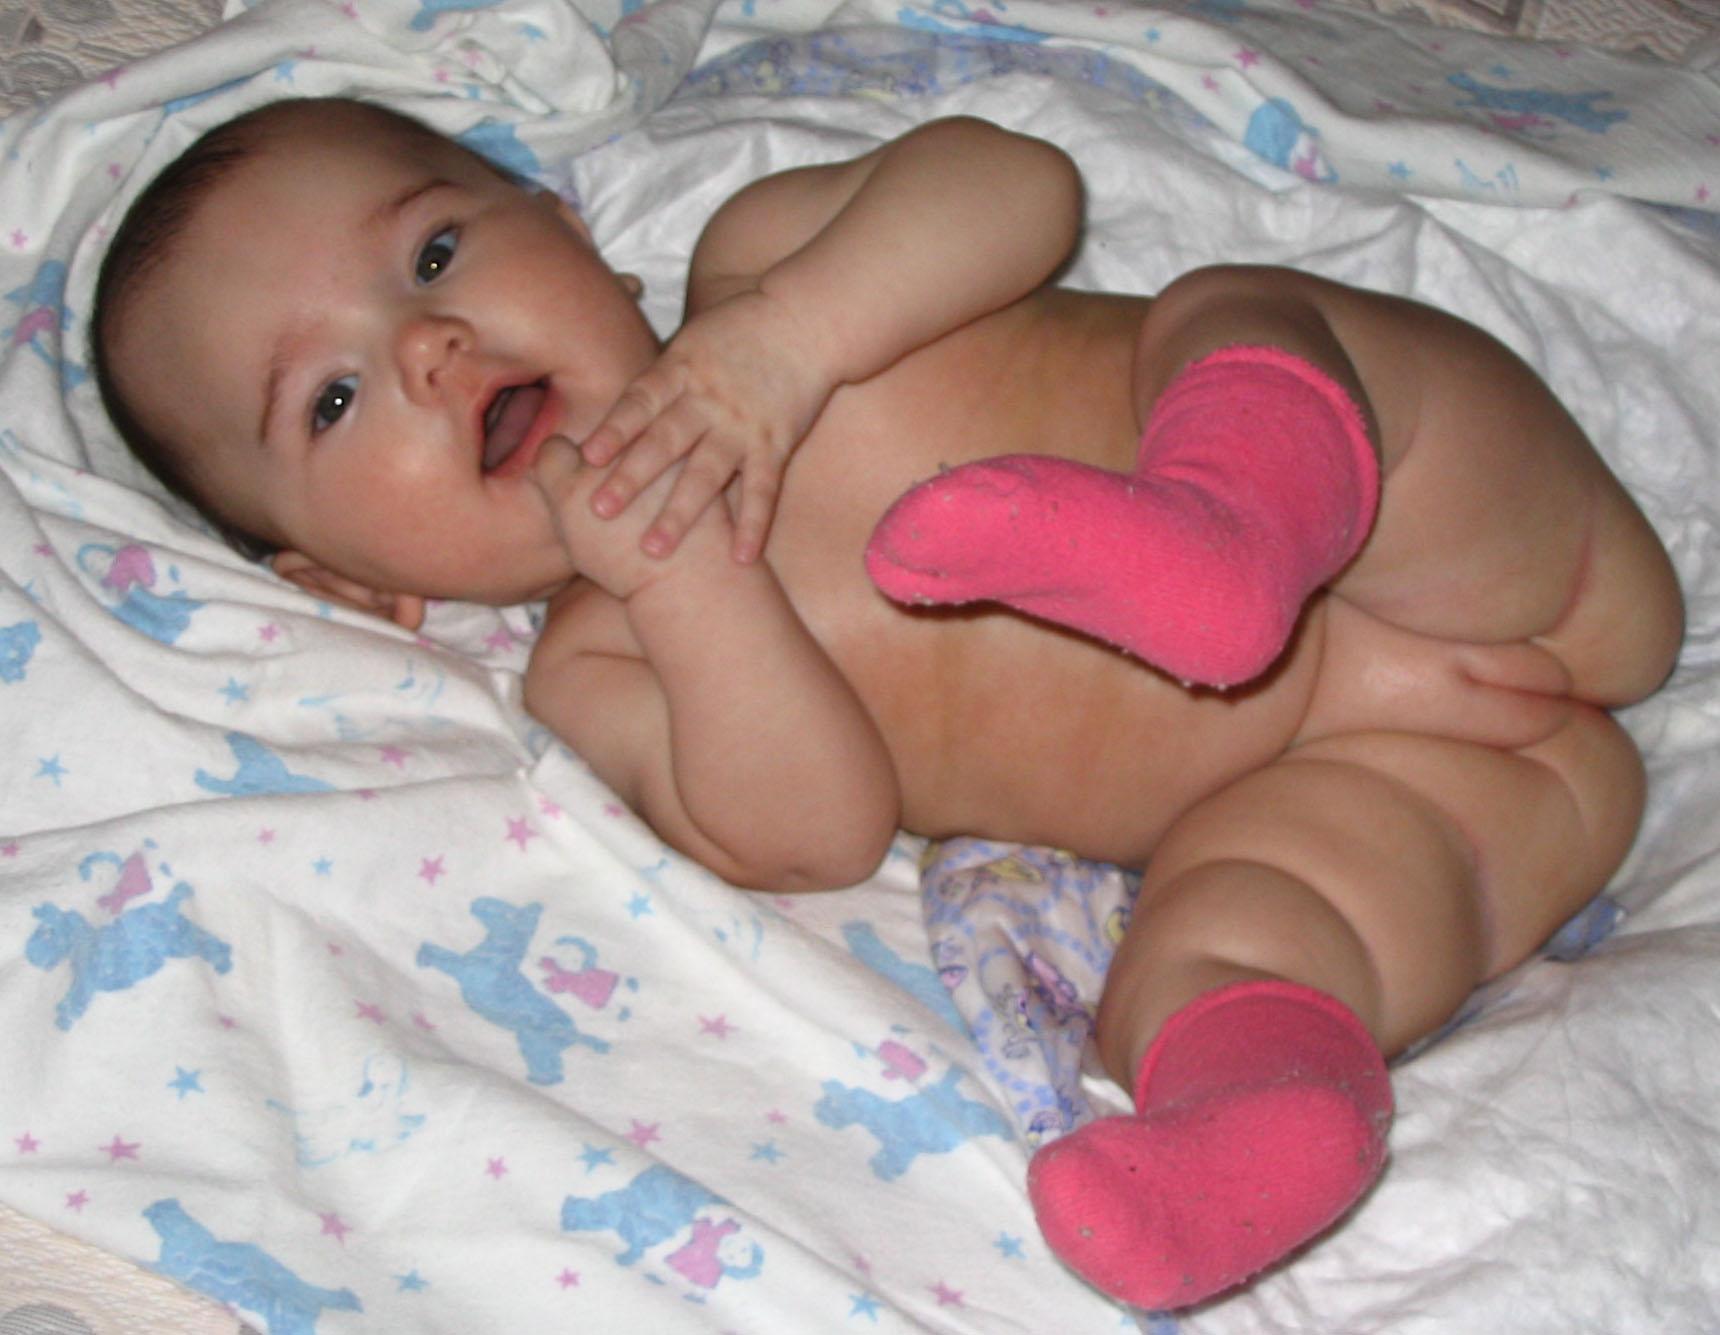 Фото маленька девочка и ее пися, Девочка созрела? Самые скандальные фотосессии юных 24 фотография